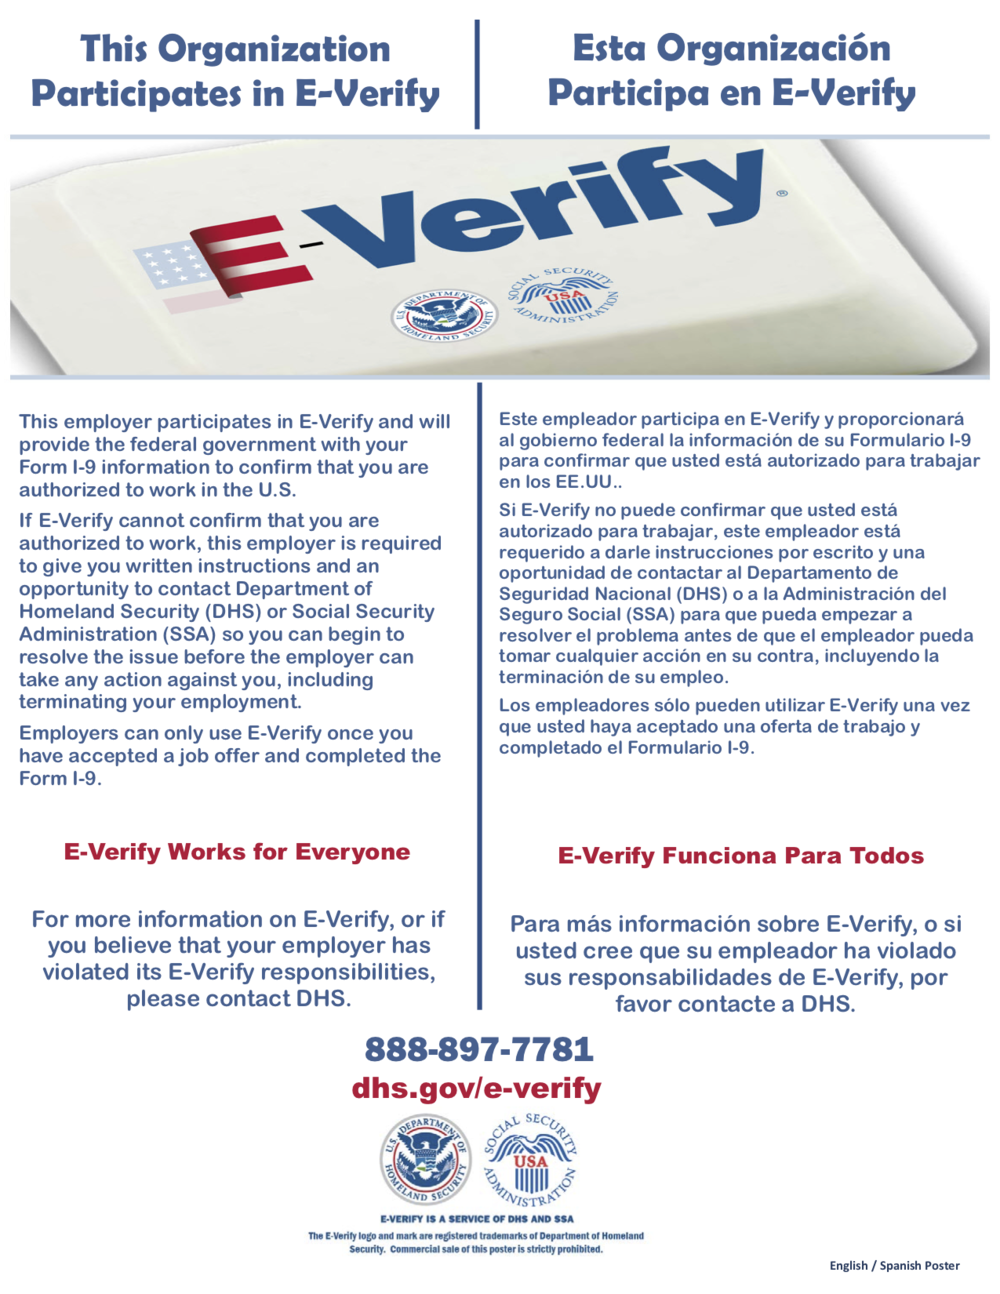 E-Verify_Participation_Poster_ES.png